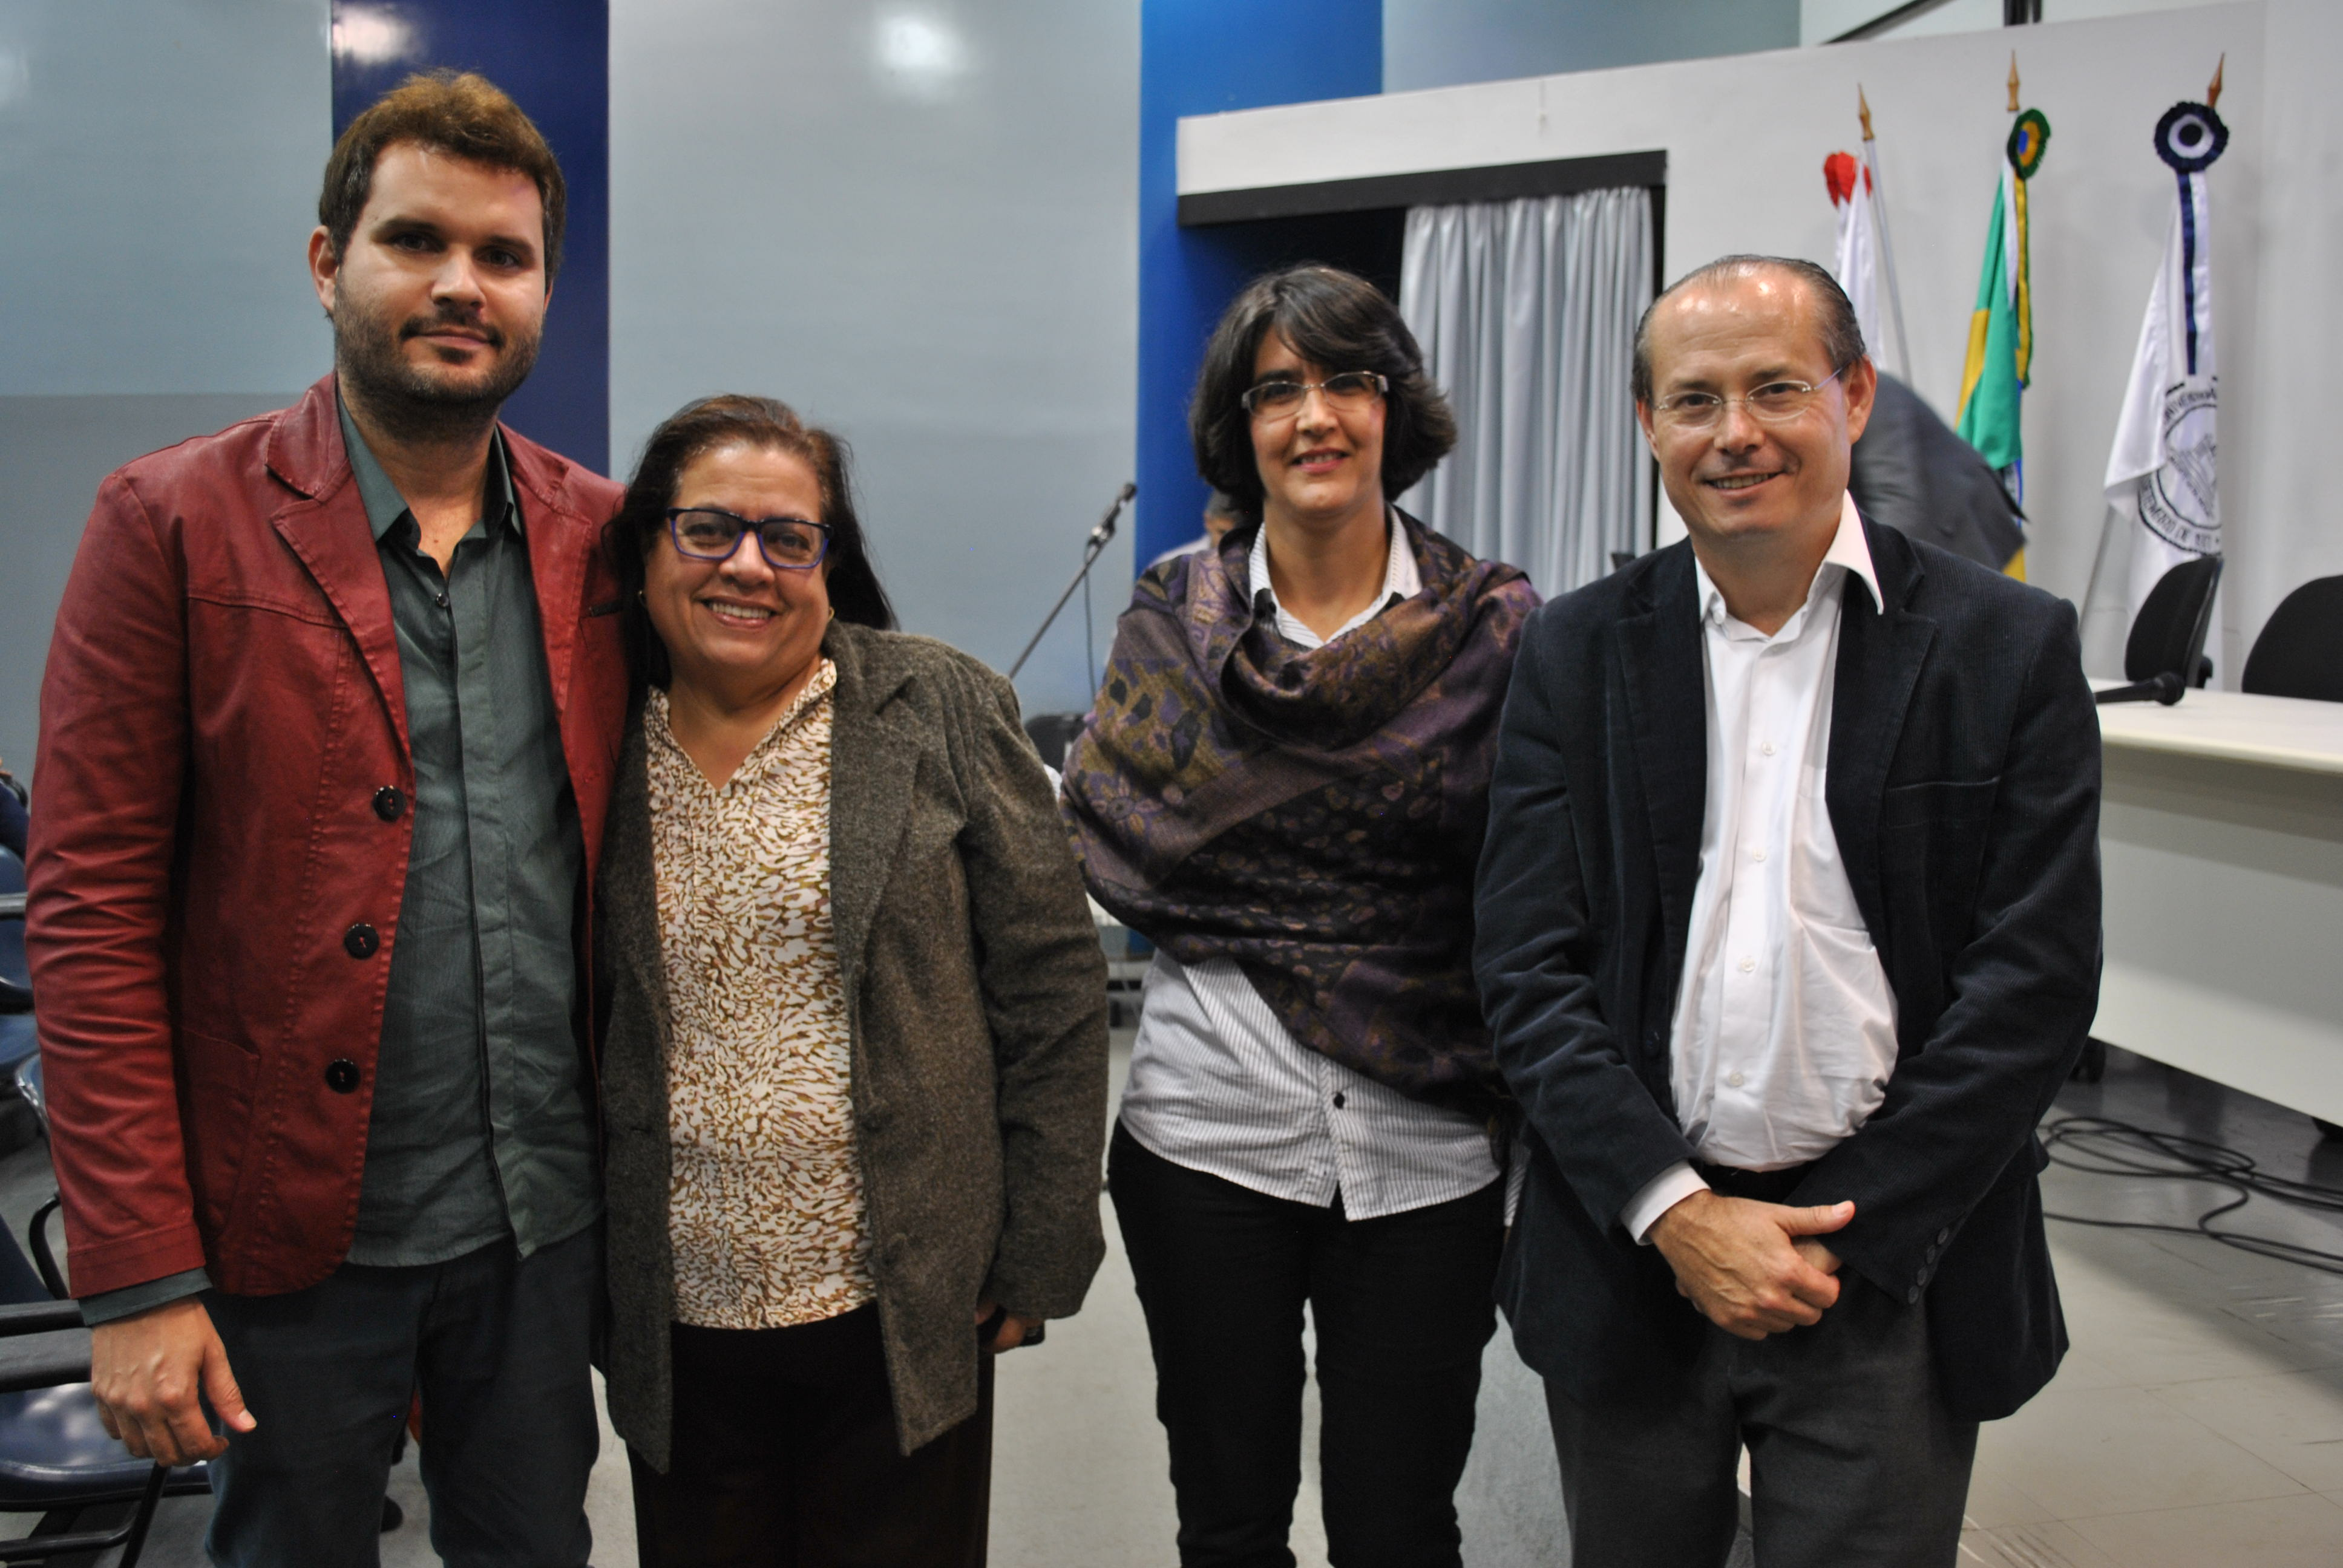 Antes da palestra, Galeno Amorim posou para uma foto com conselheiros do CRB-6: Álamo Chaves, tesoureiro, Denise Ramos, vice-presidente, e Mariza Martins, presidente (Foto: Victor Alves)